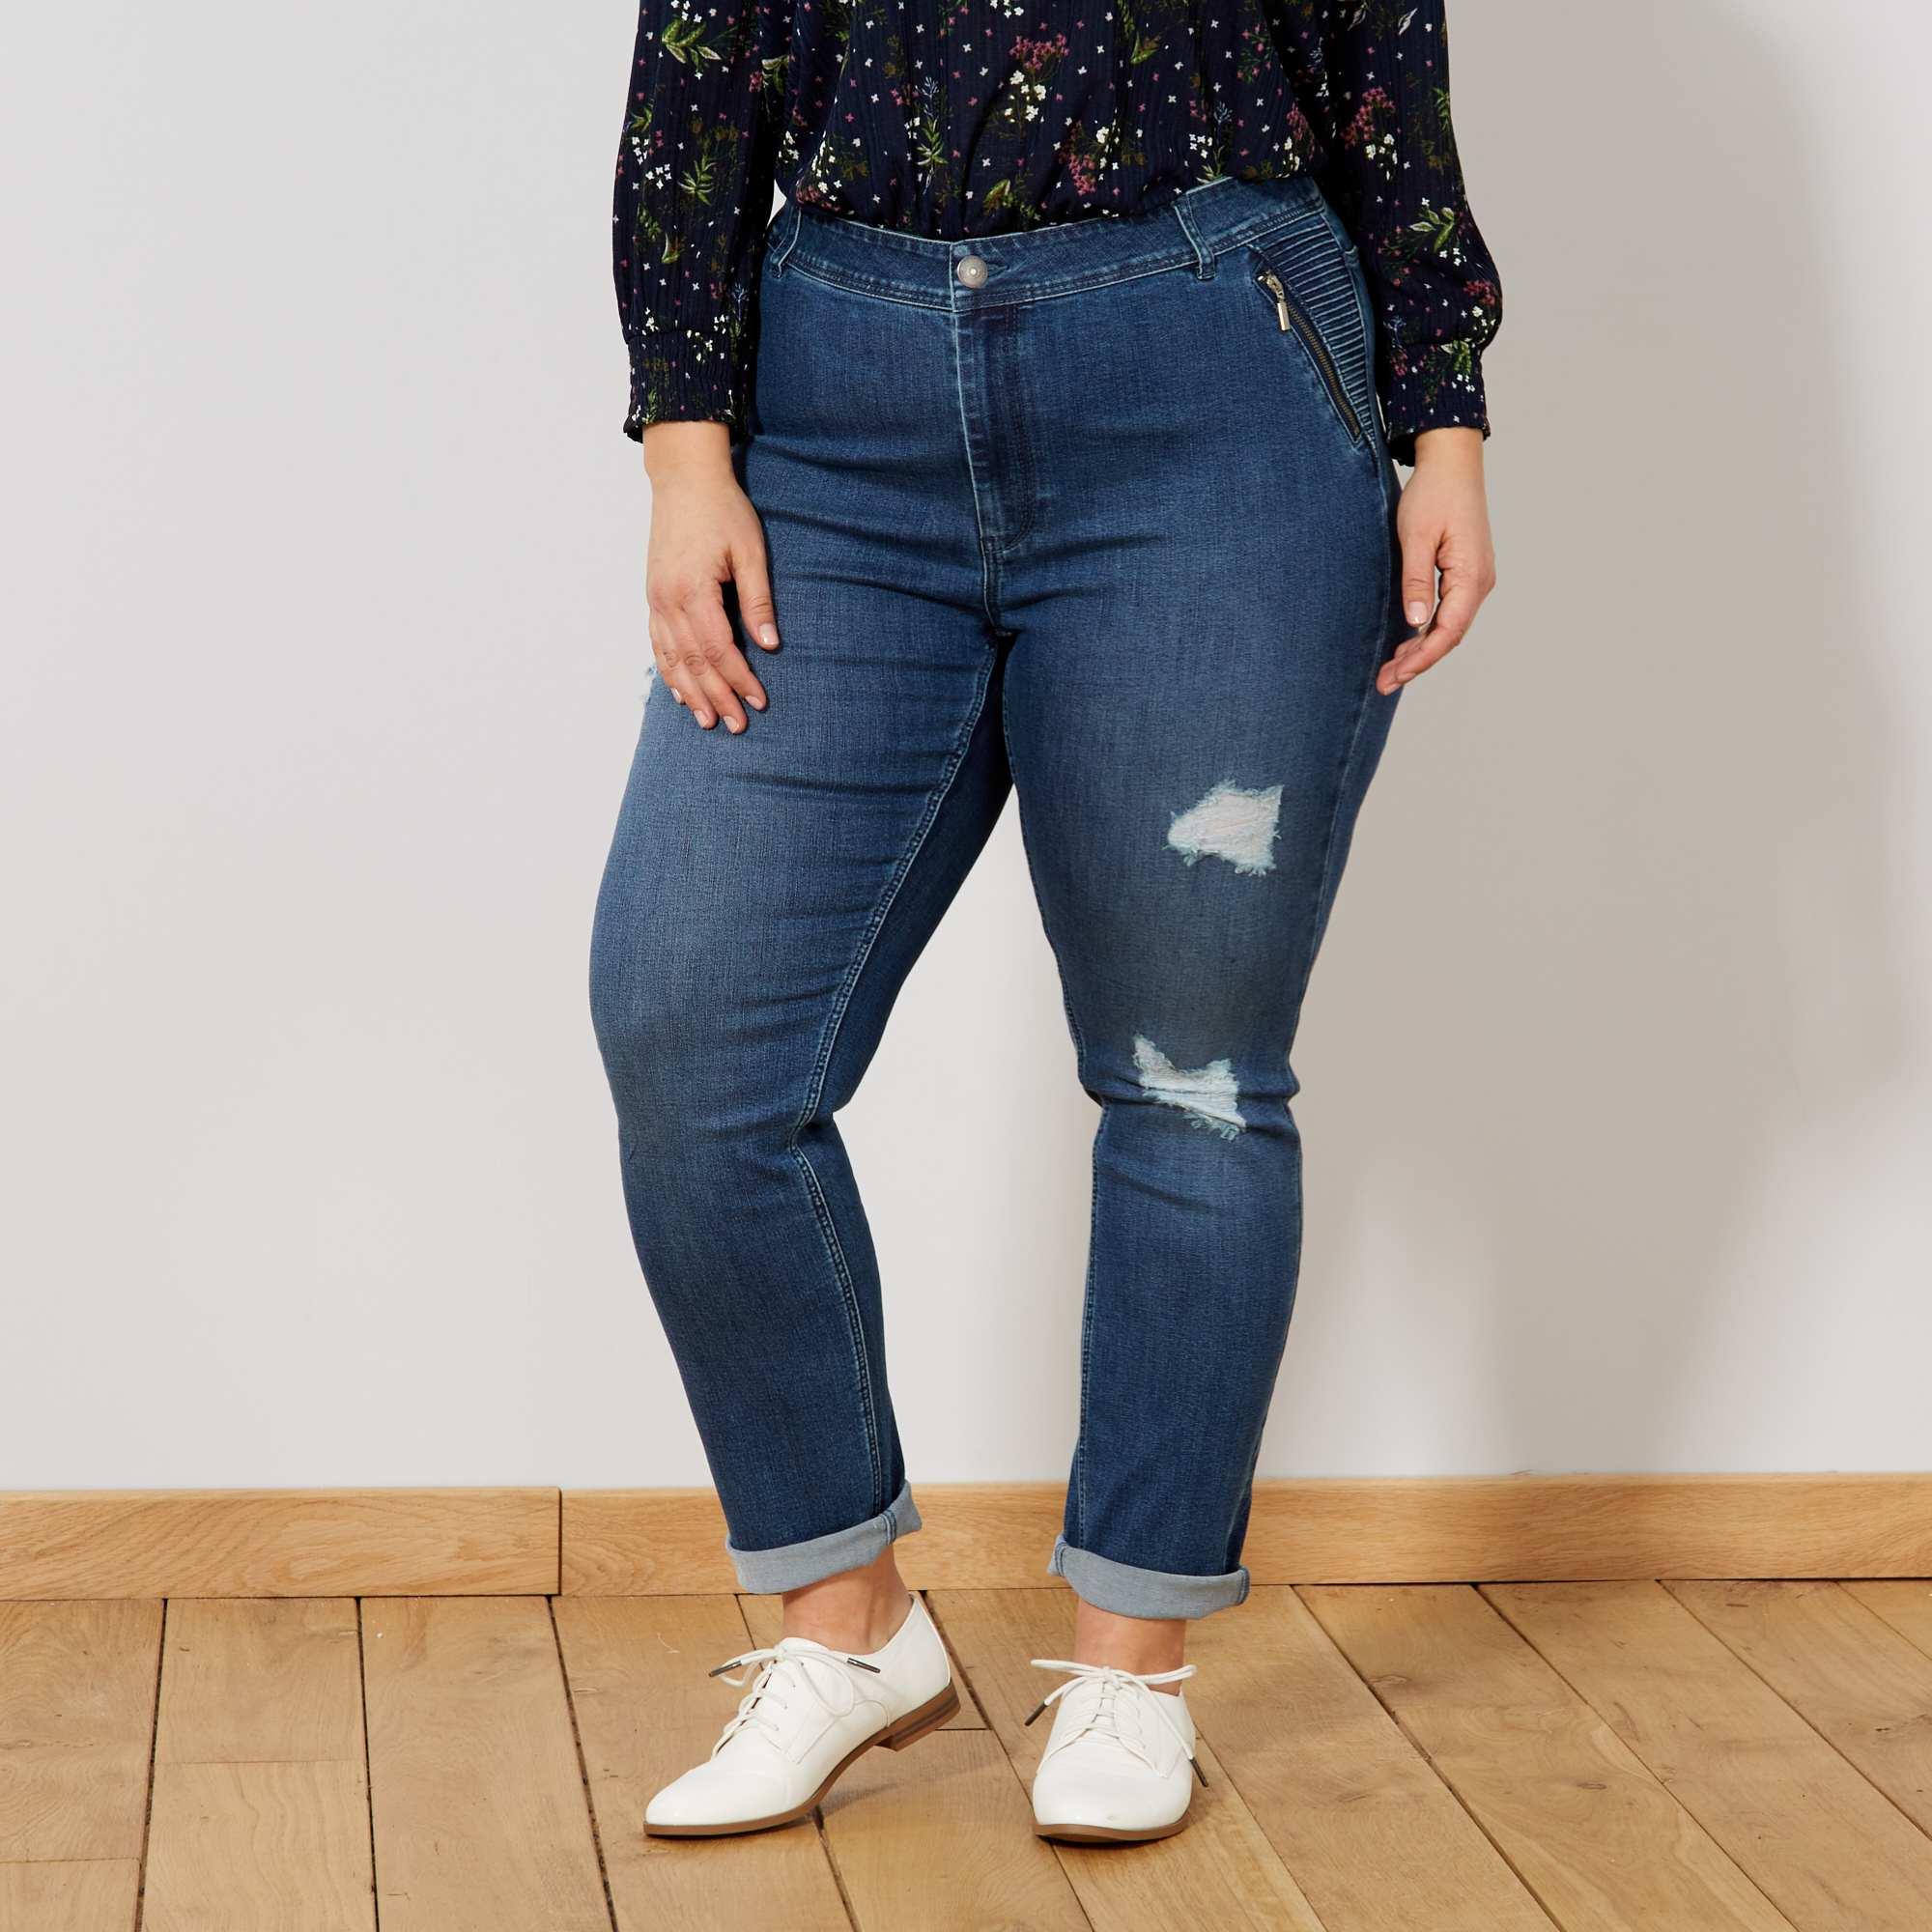 jean-skinny-avec-abrasions-bleu-delave-grande-taille-femme-wn612 1 zc1.jpg 02d00f24999